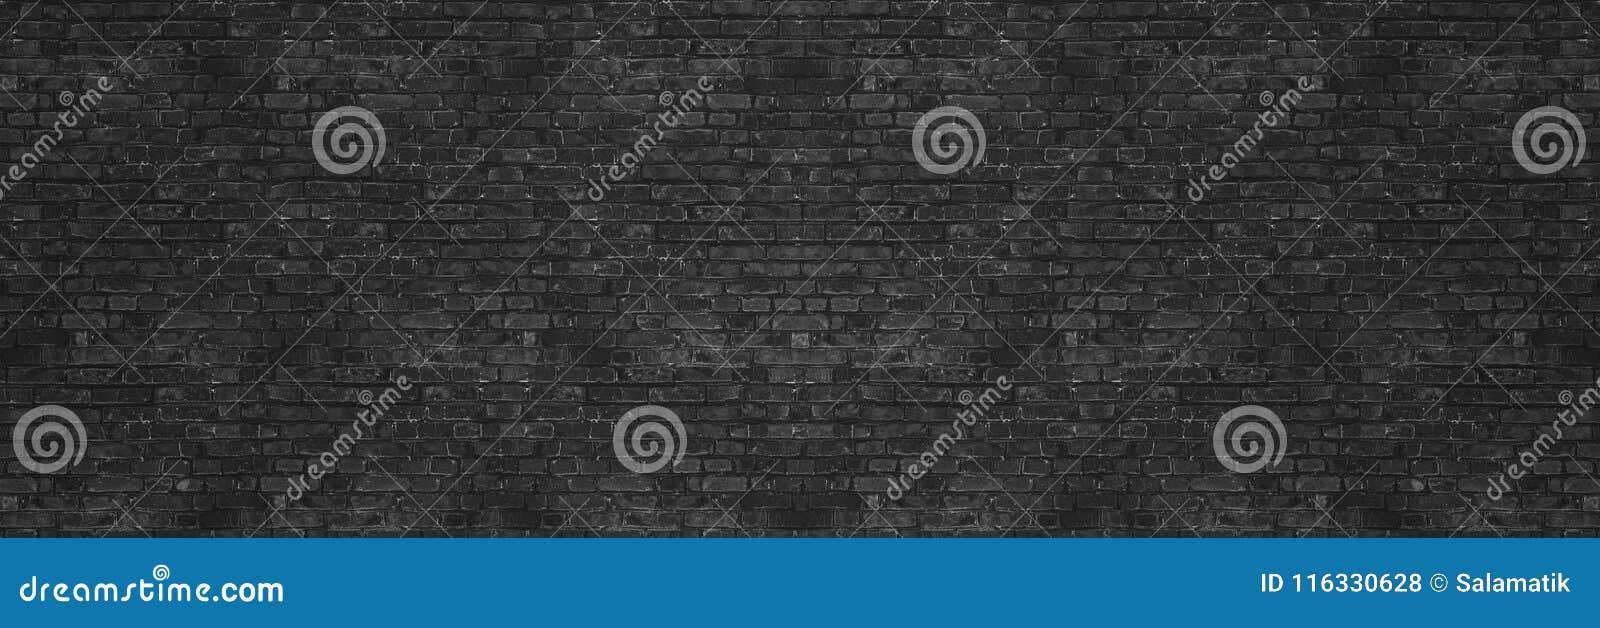 Textura da parede de tijolo da lavagem do preto do vintage para o projeto Fundo panorâmico para sua texto ou imagem